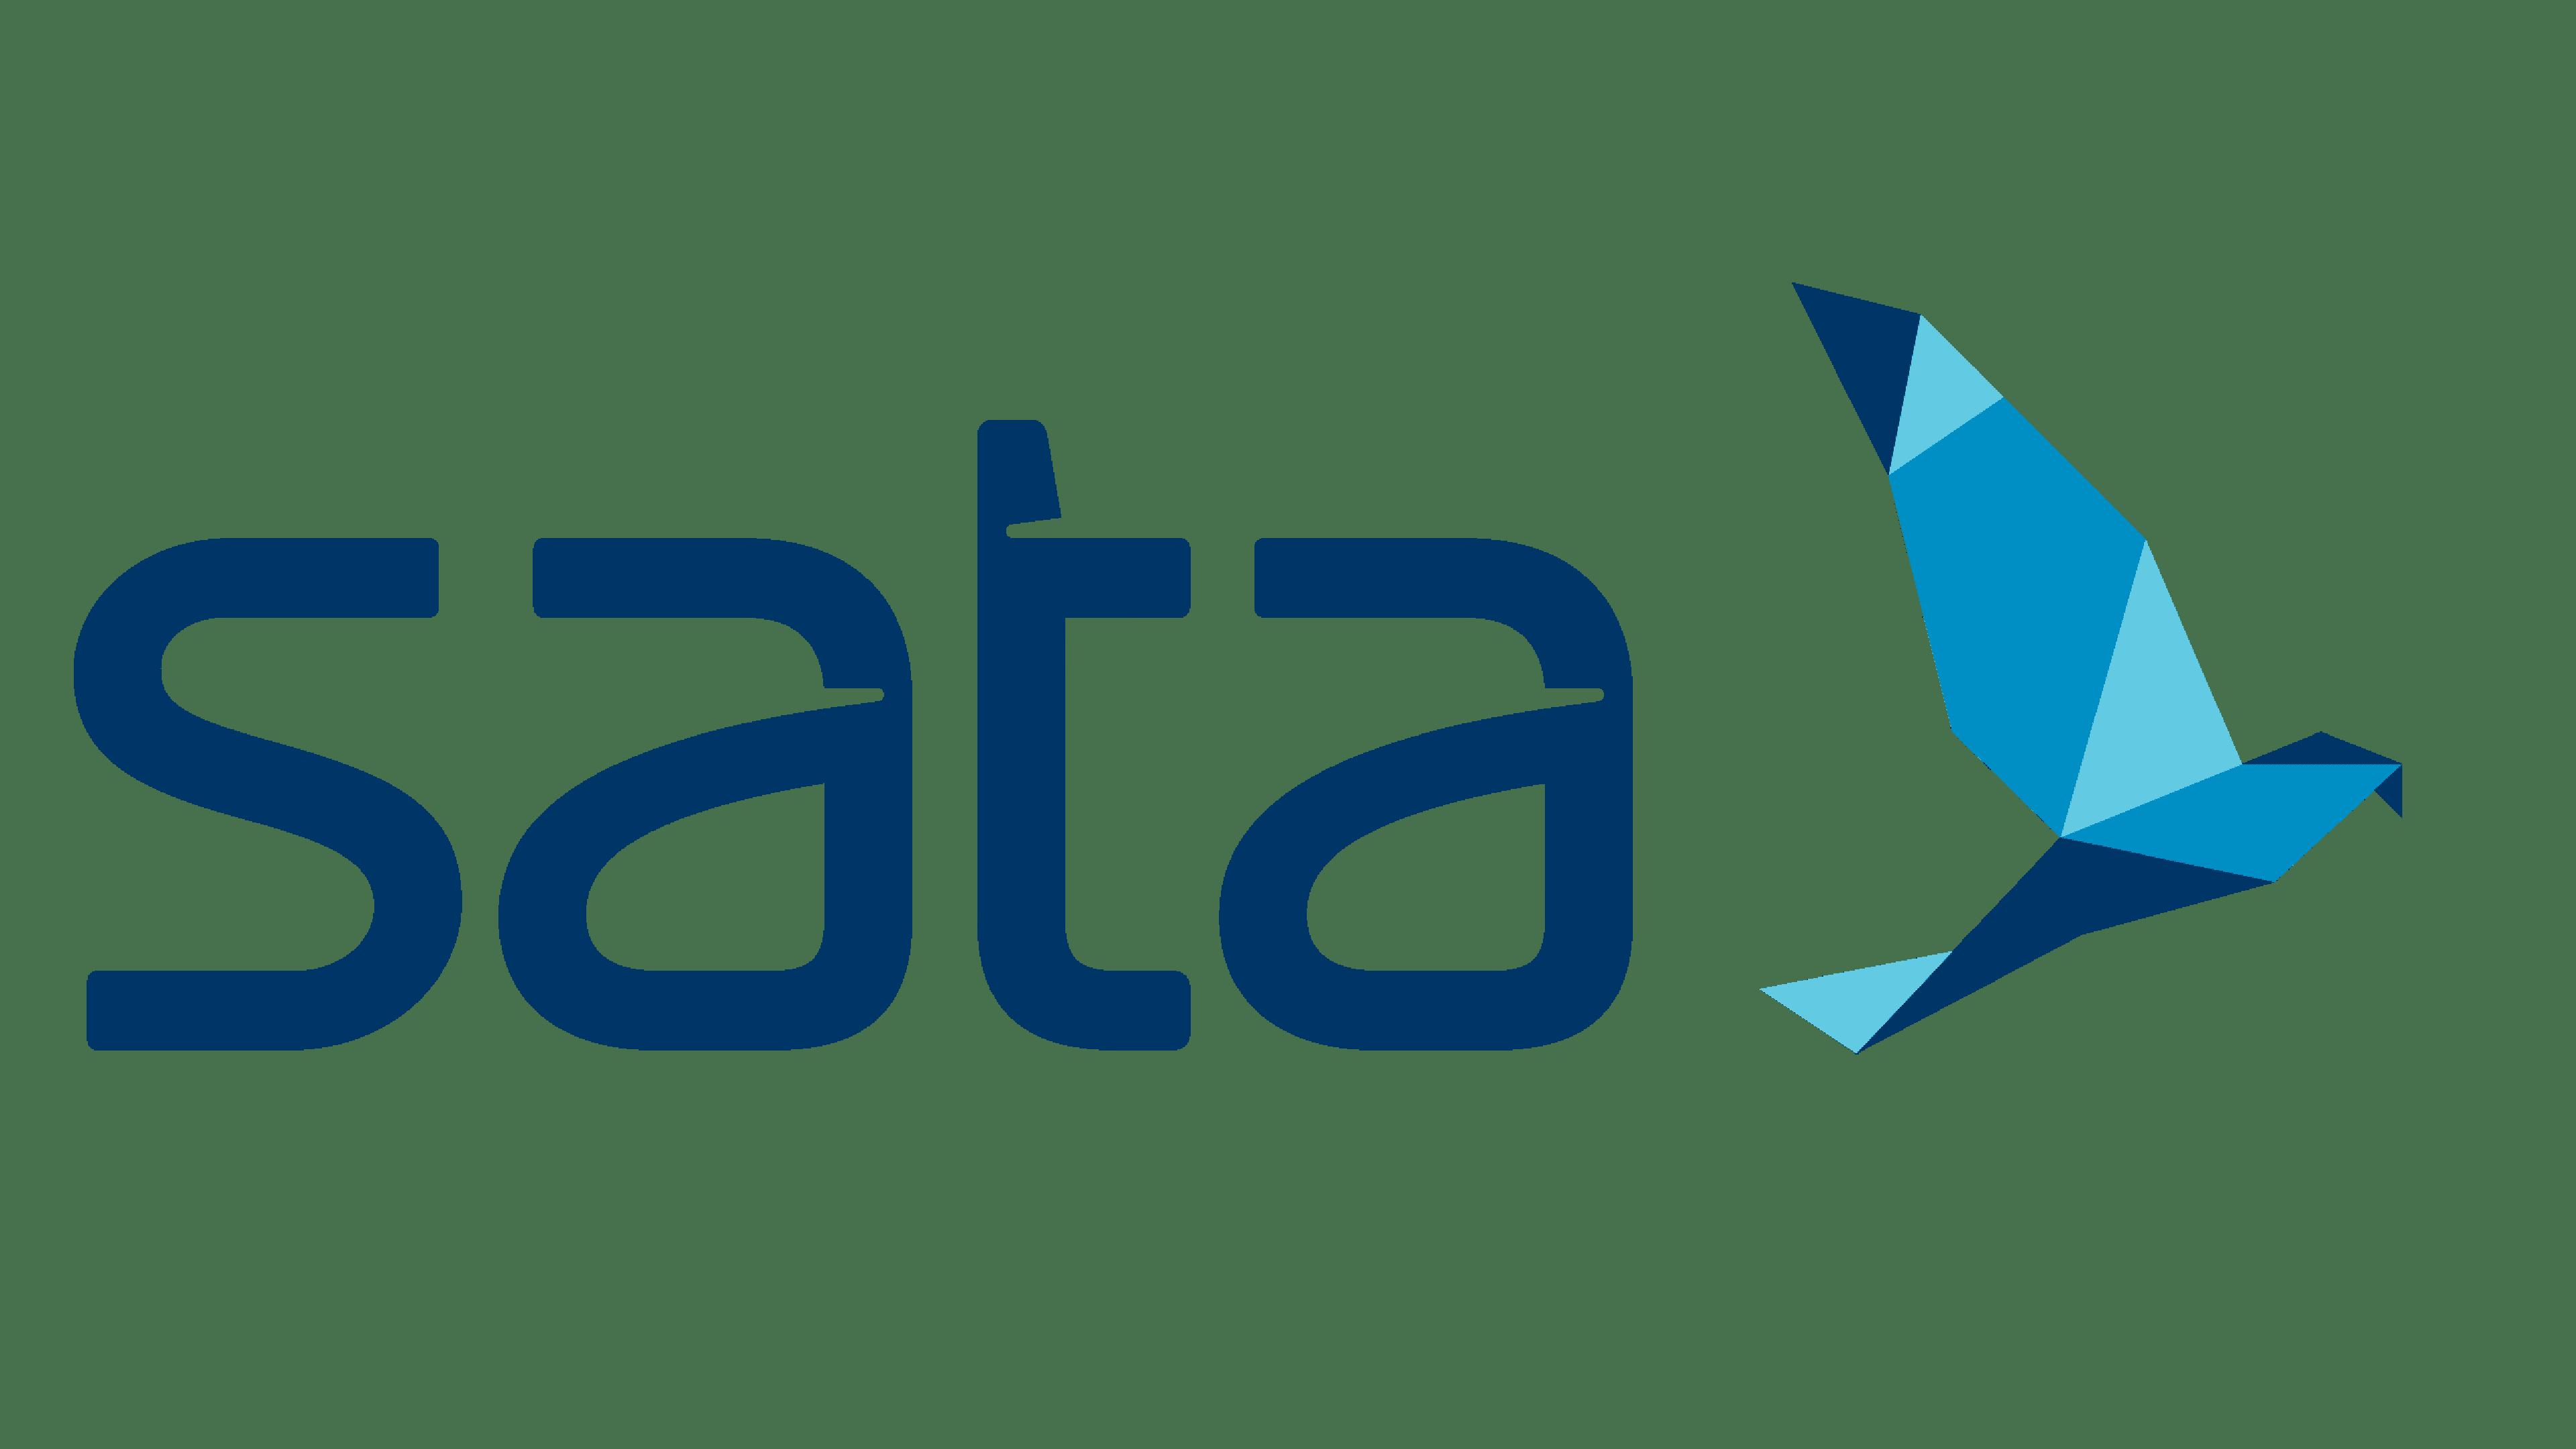 SATA Air Açores Logo Logo